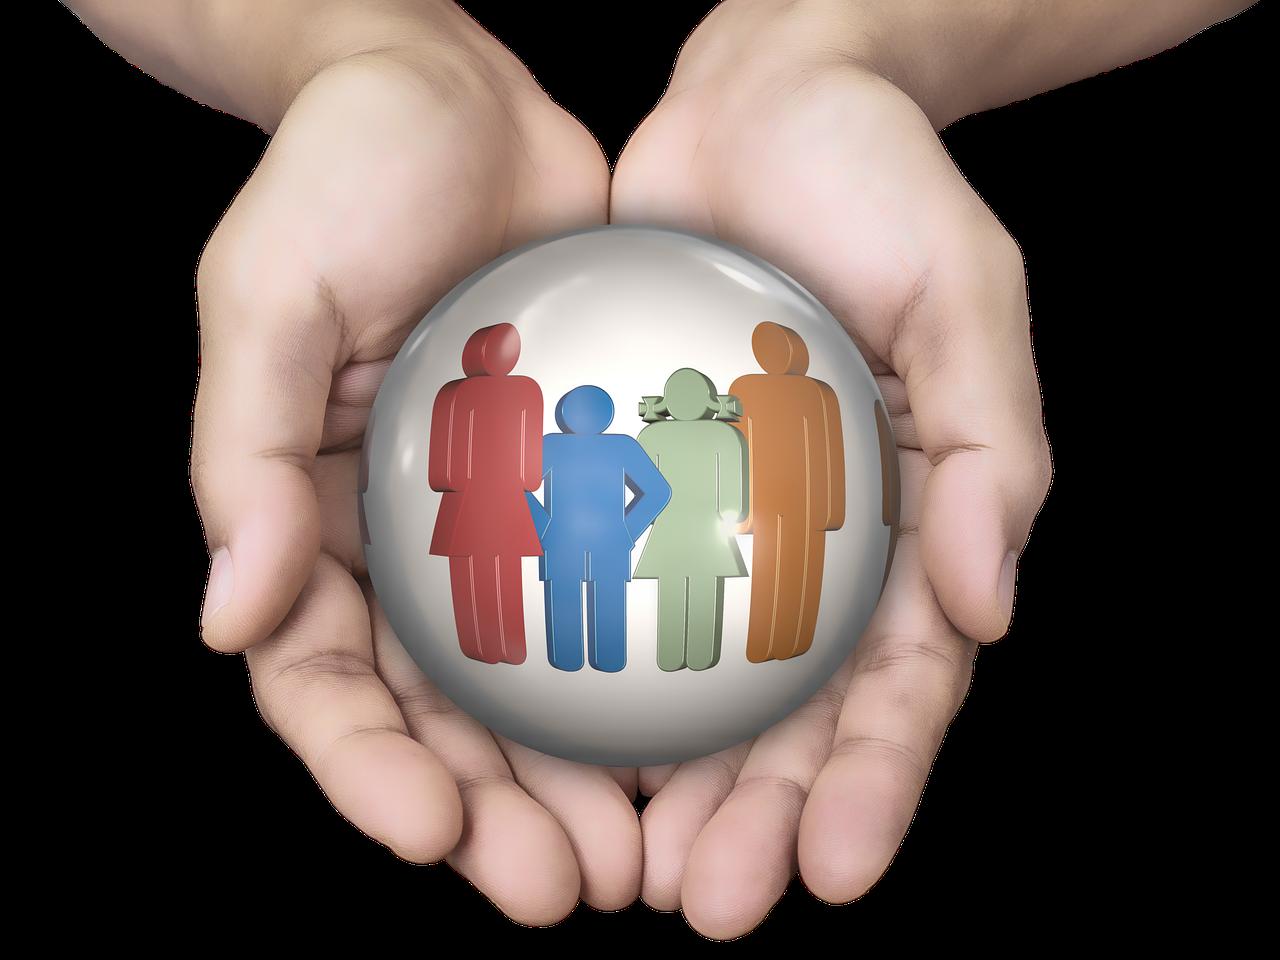 日本政策金融公庫の団体信用生命保険料は経費になるのか?